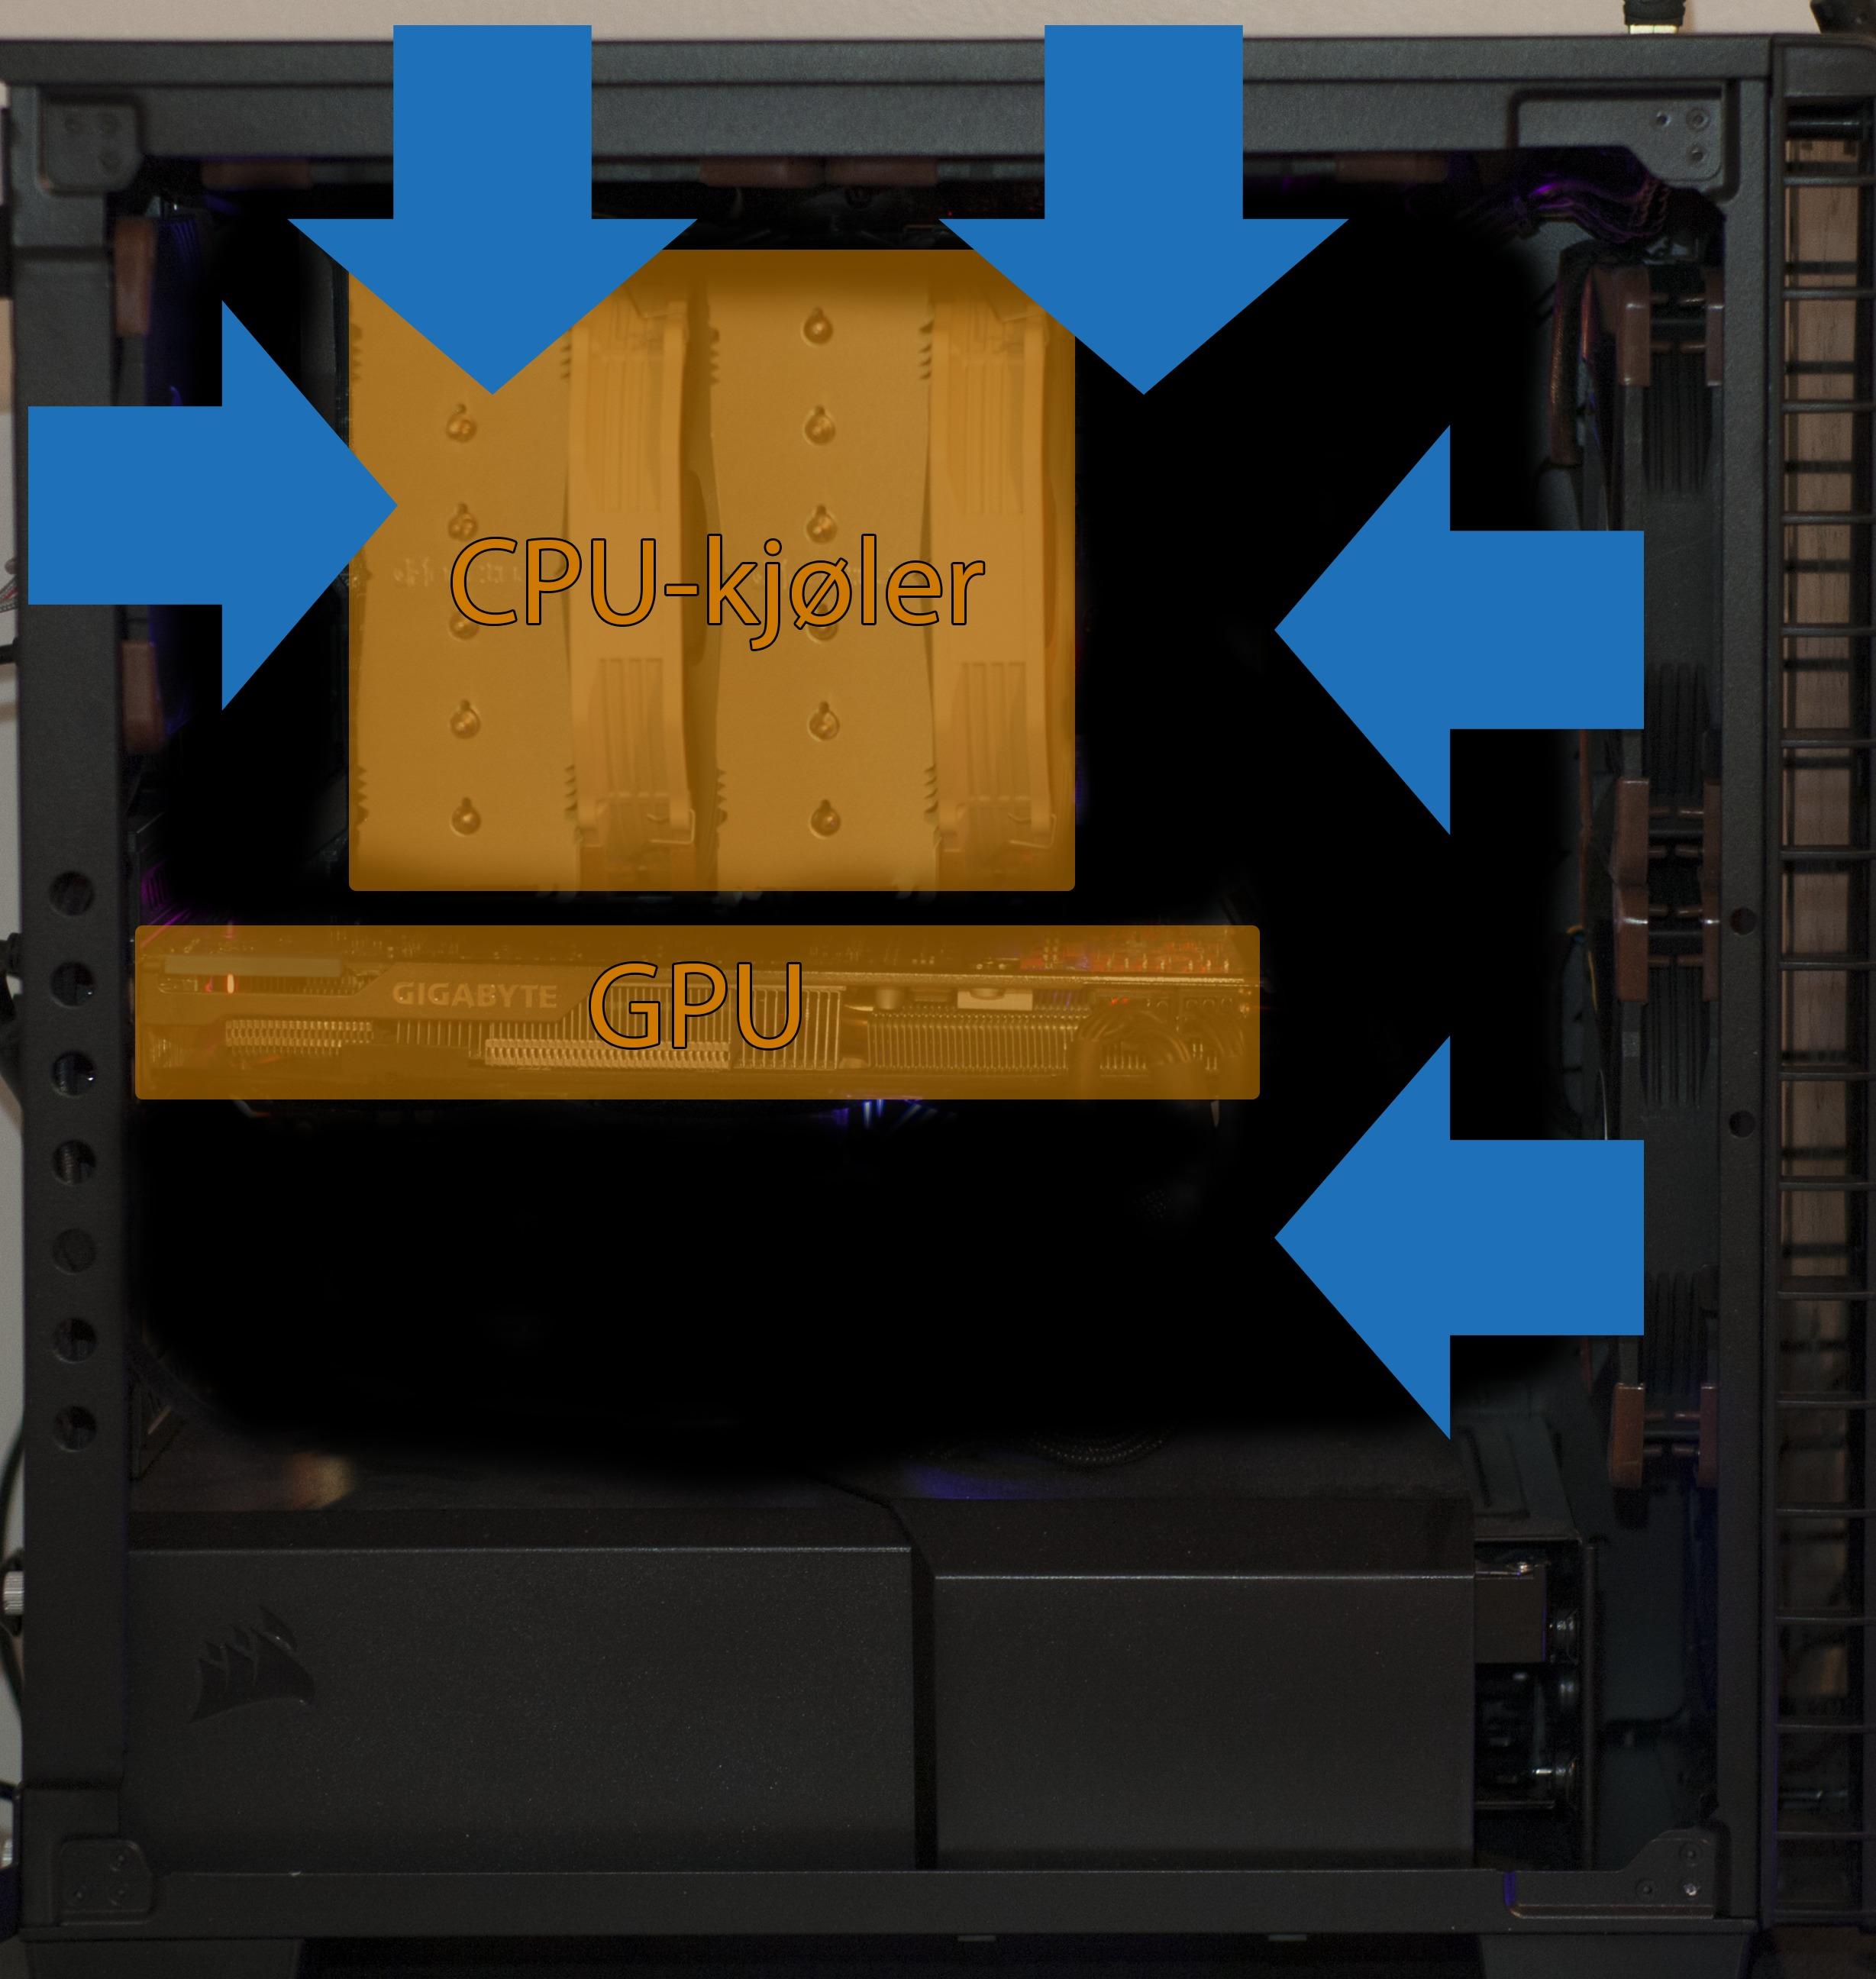 Oppsett 1: Inn. Alle viftene er orientert slik at så mye luft som mulig som kommer inn i kabinettet og skaper et høyere trykk inne i kabinettet enn i omgivelsene utenfor.